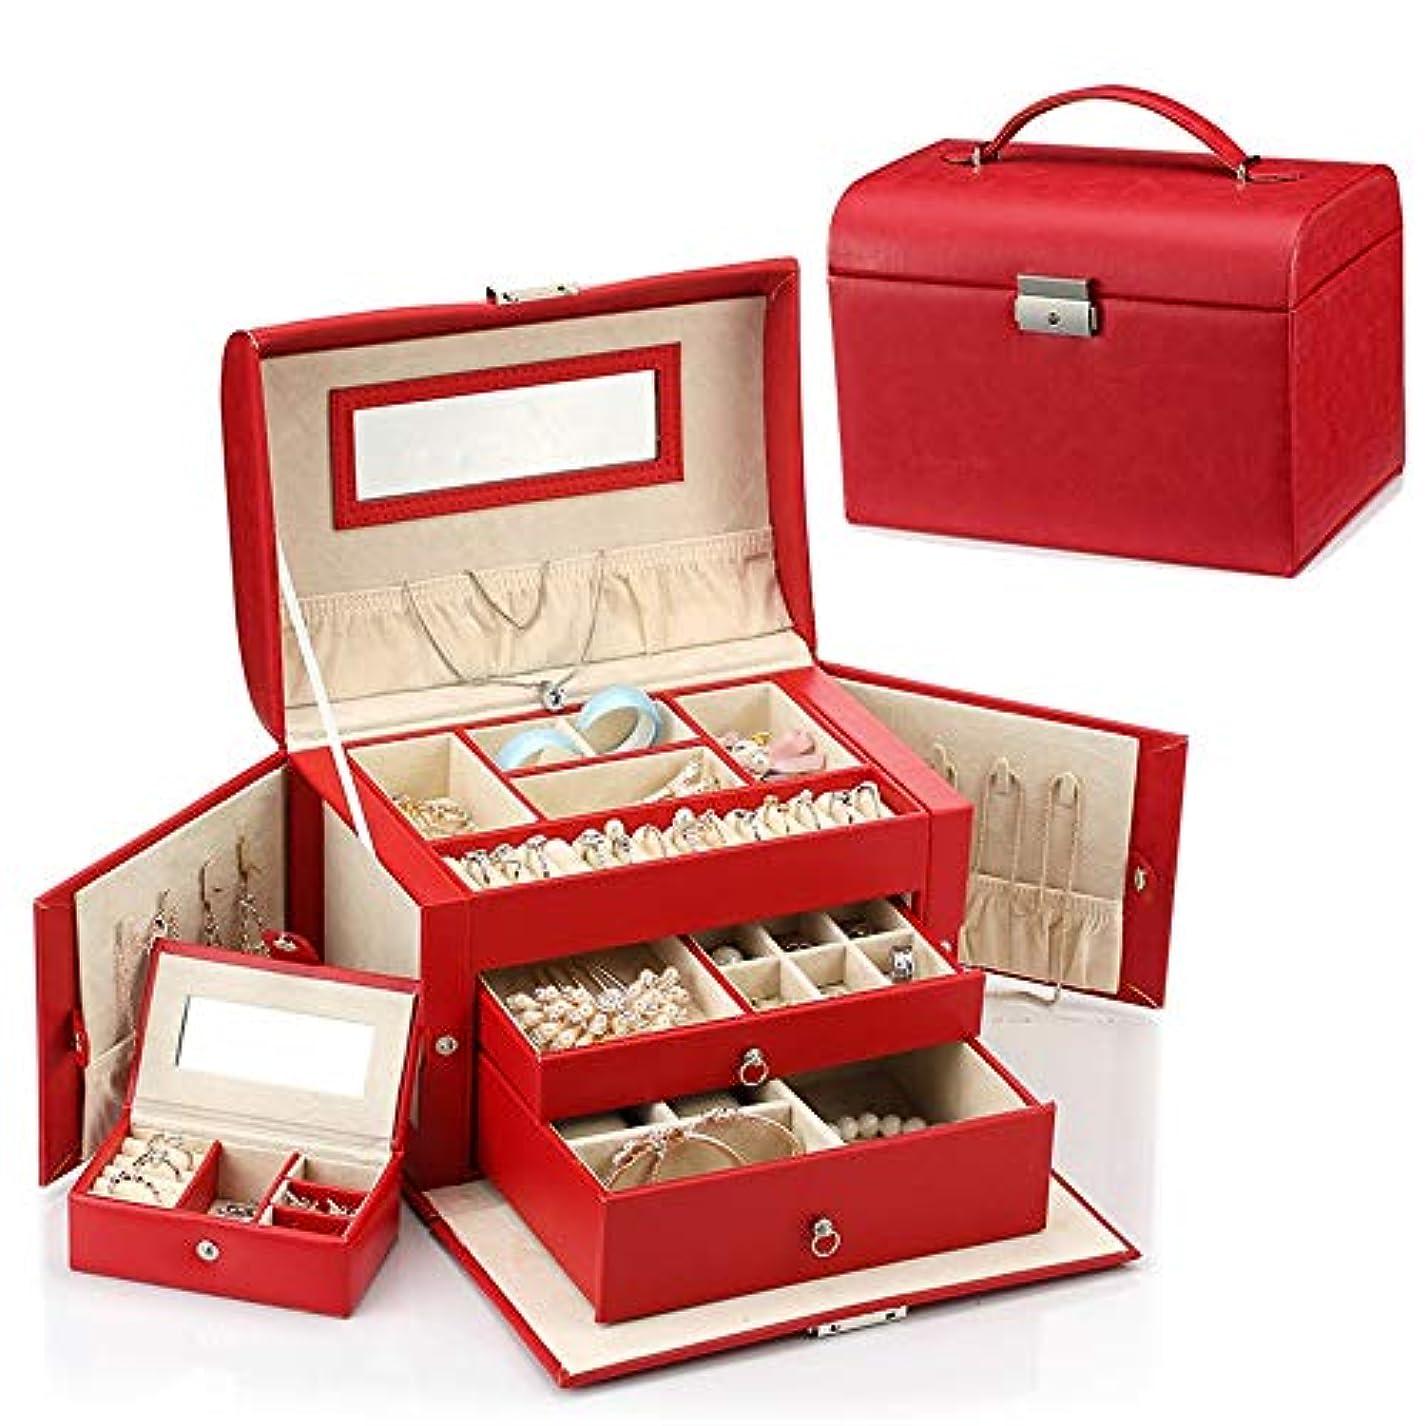 胸ある相談する特大スペース収納ビューティーボックス ジュエリーボックス、イミテーションレザーミディアムジュエリー収納ボックス、ポータブル、ロックレディレトロギフト - マルチカラーオプション 化粧品化粧台 (色 : 赤)